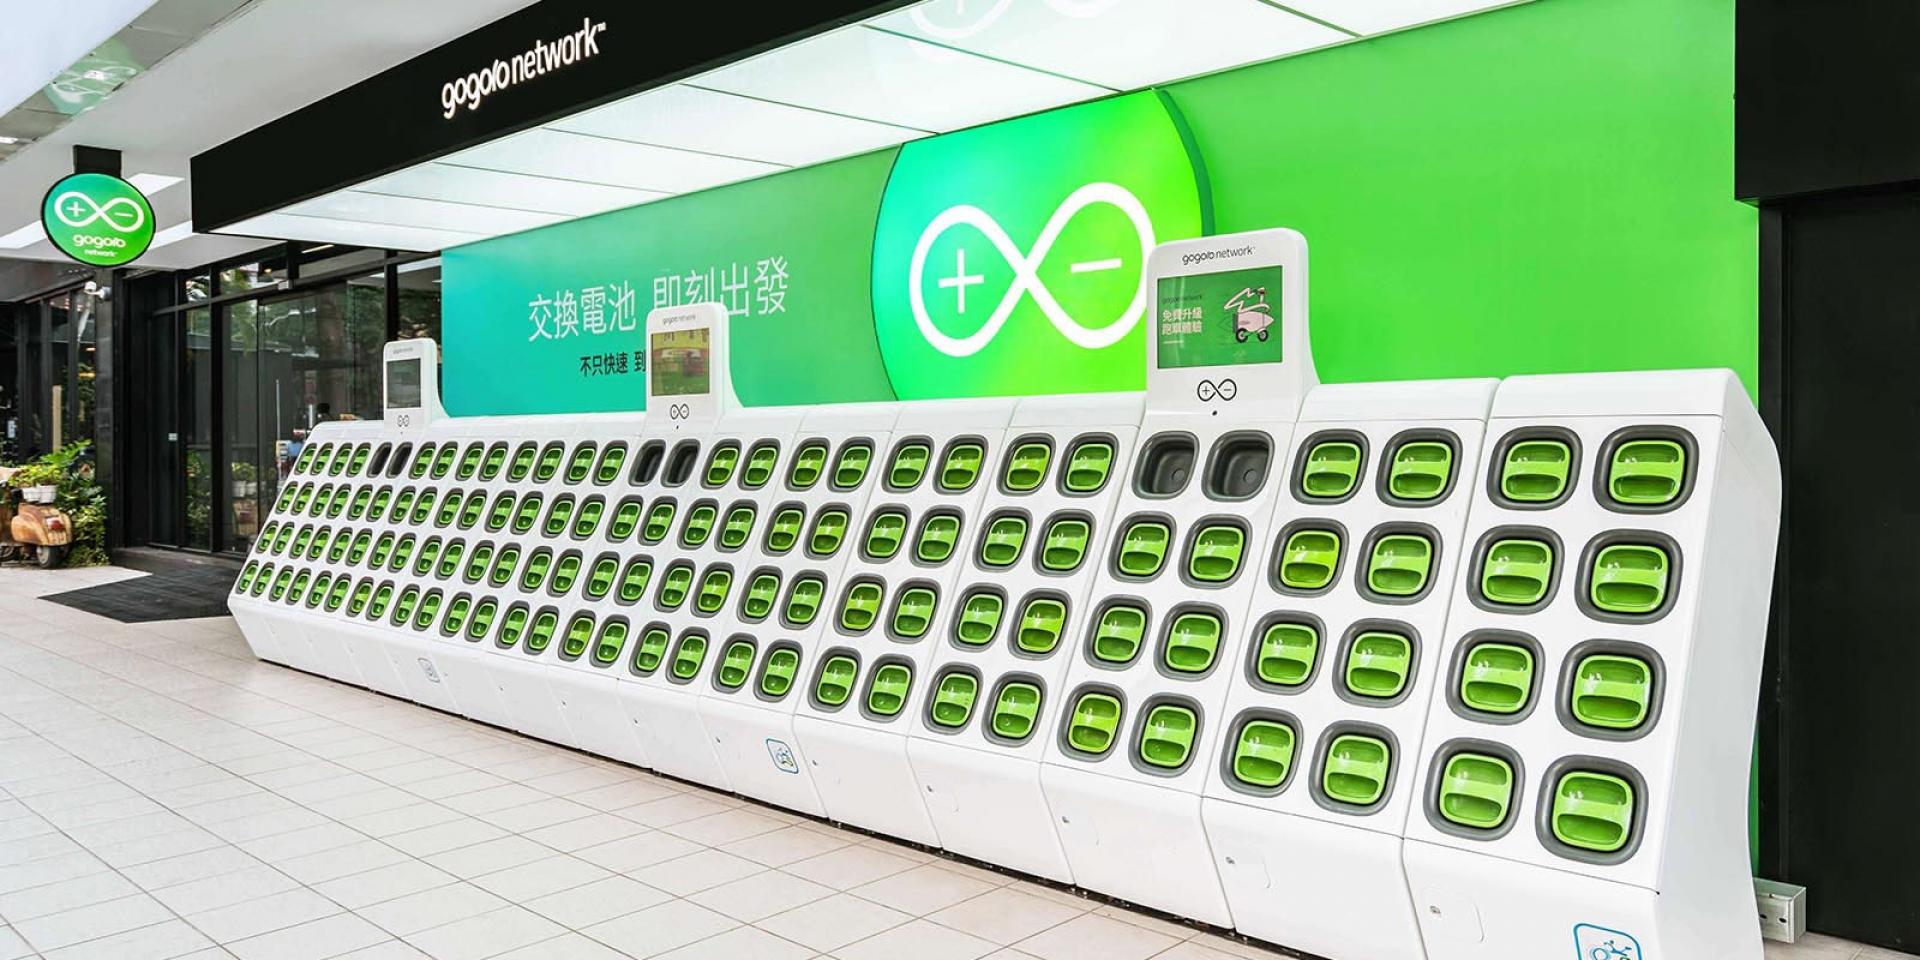 官方新聞稿,Gogoro 宣布電池交換系統進一步拓展全球巿場版圖! 與大長江及雅迪合作導入 Gogoro® 電池交換網路